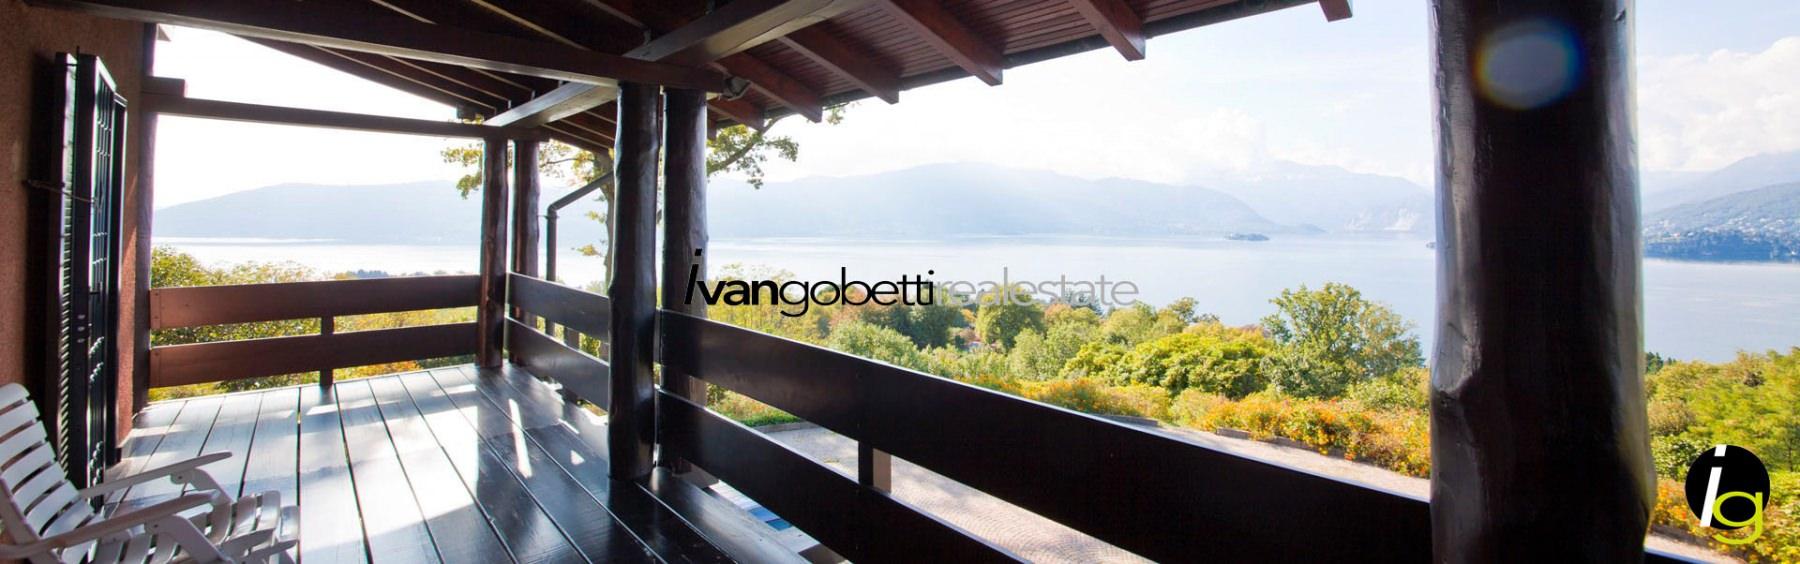 Озеро Маджоре Лавено Момбелло вилла на продажу с видом на озеро